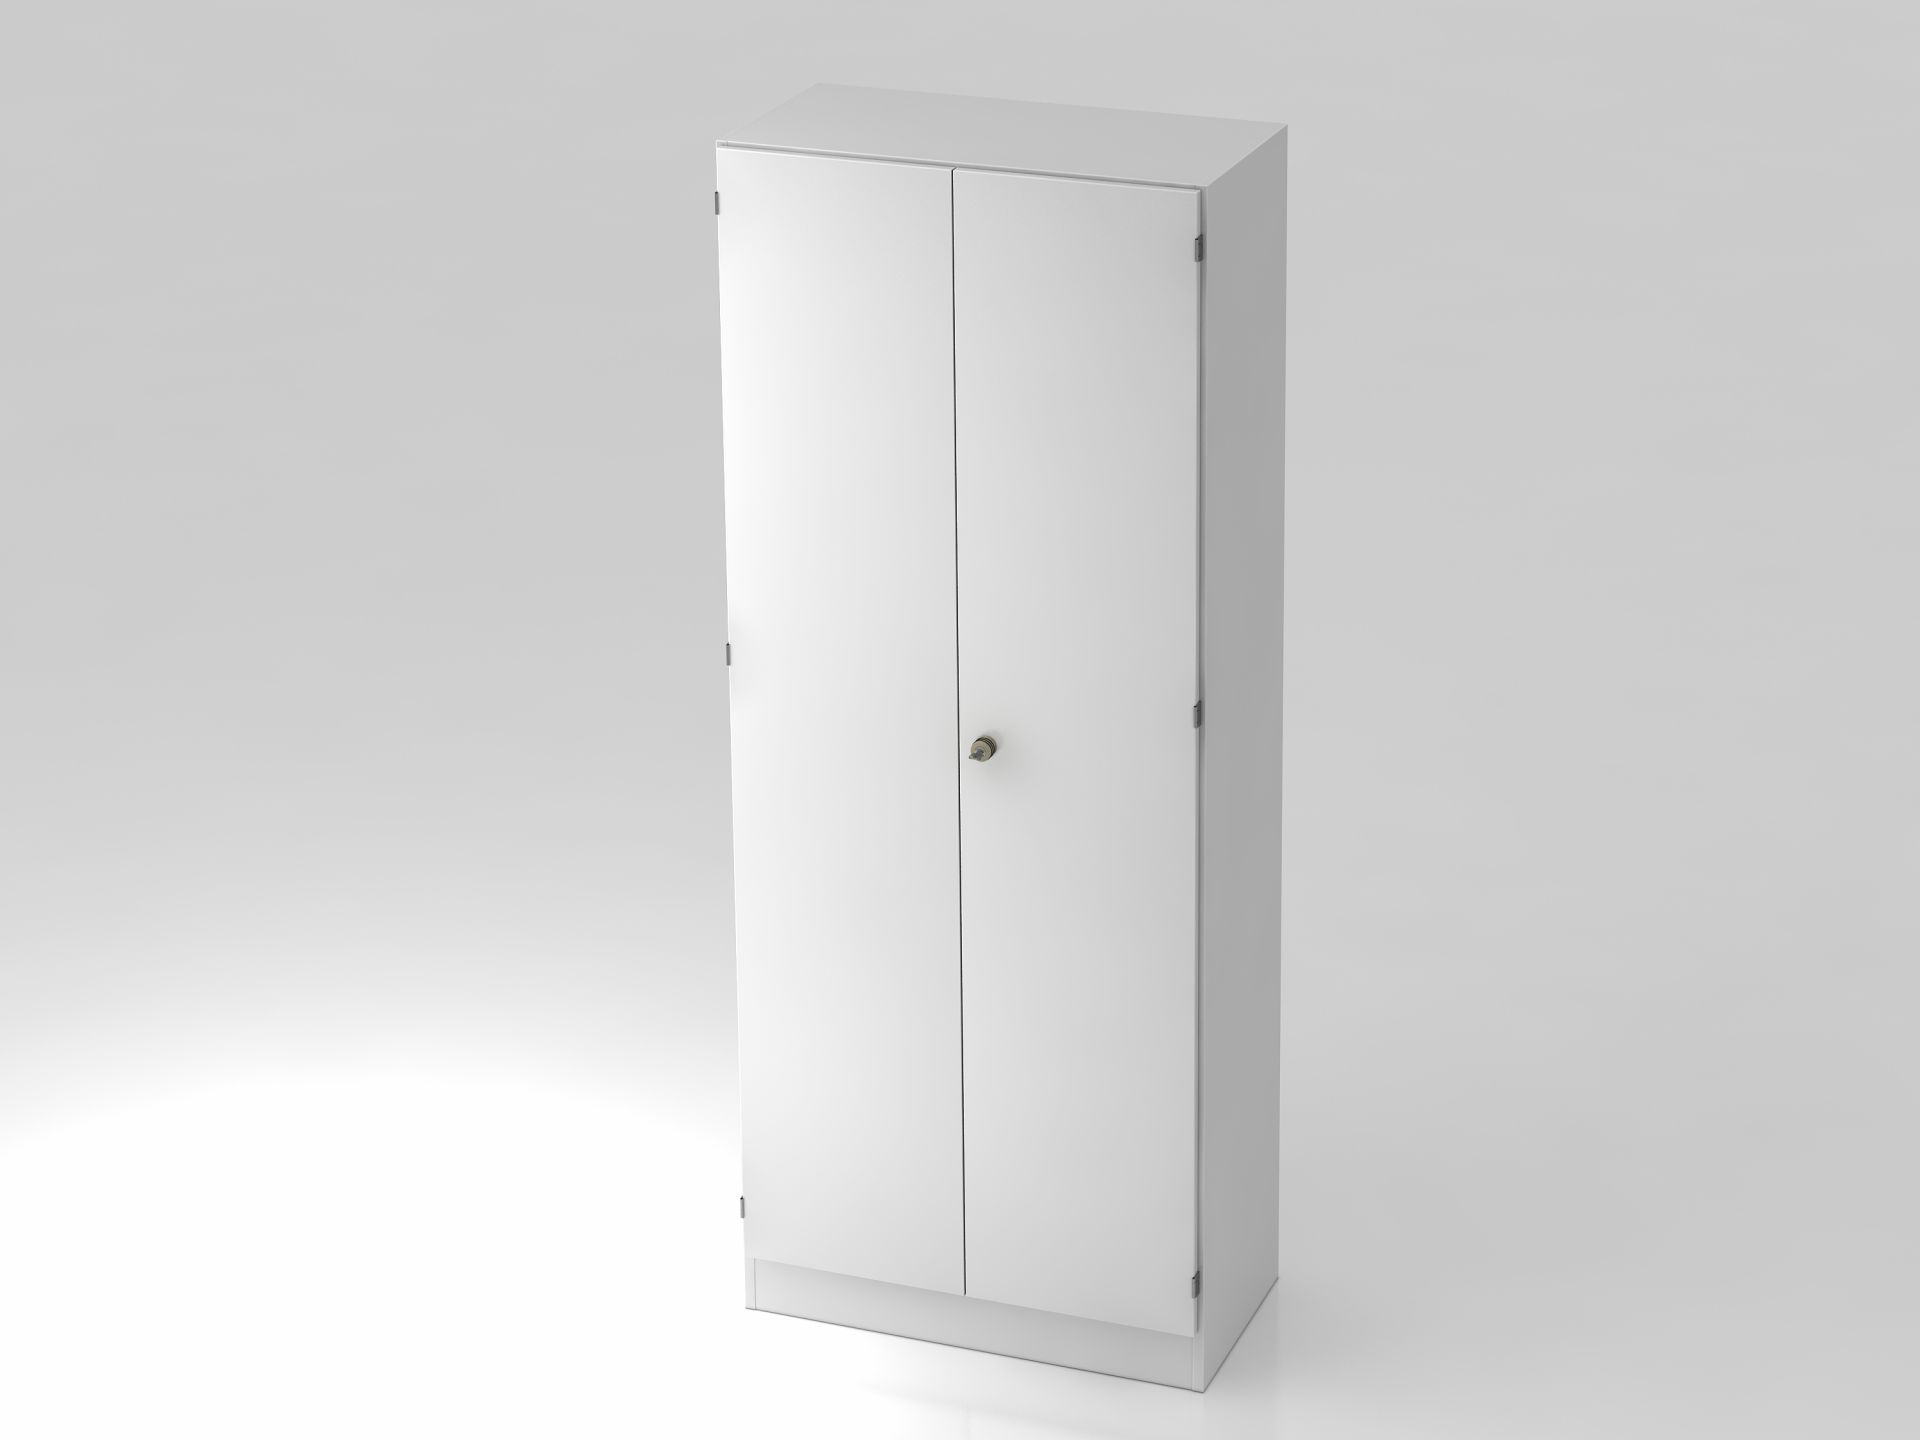 Kürnach Garderobenschrank 5 Ordnerhöhen hoch, 80 cm breit ...